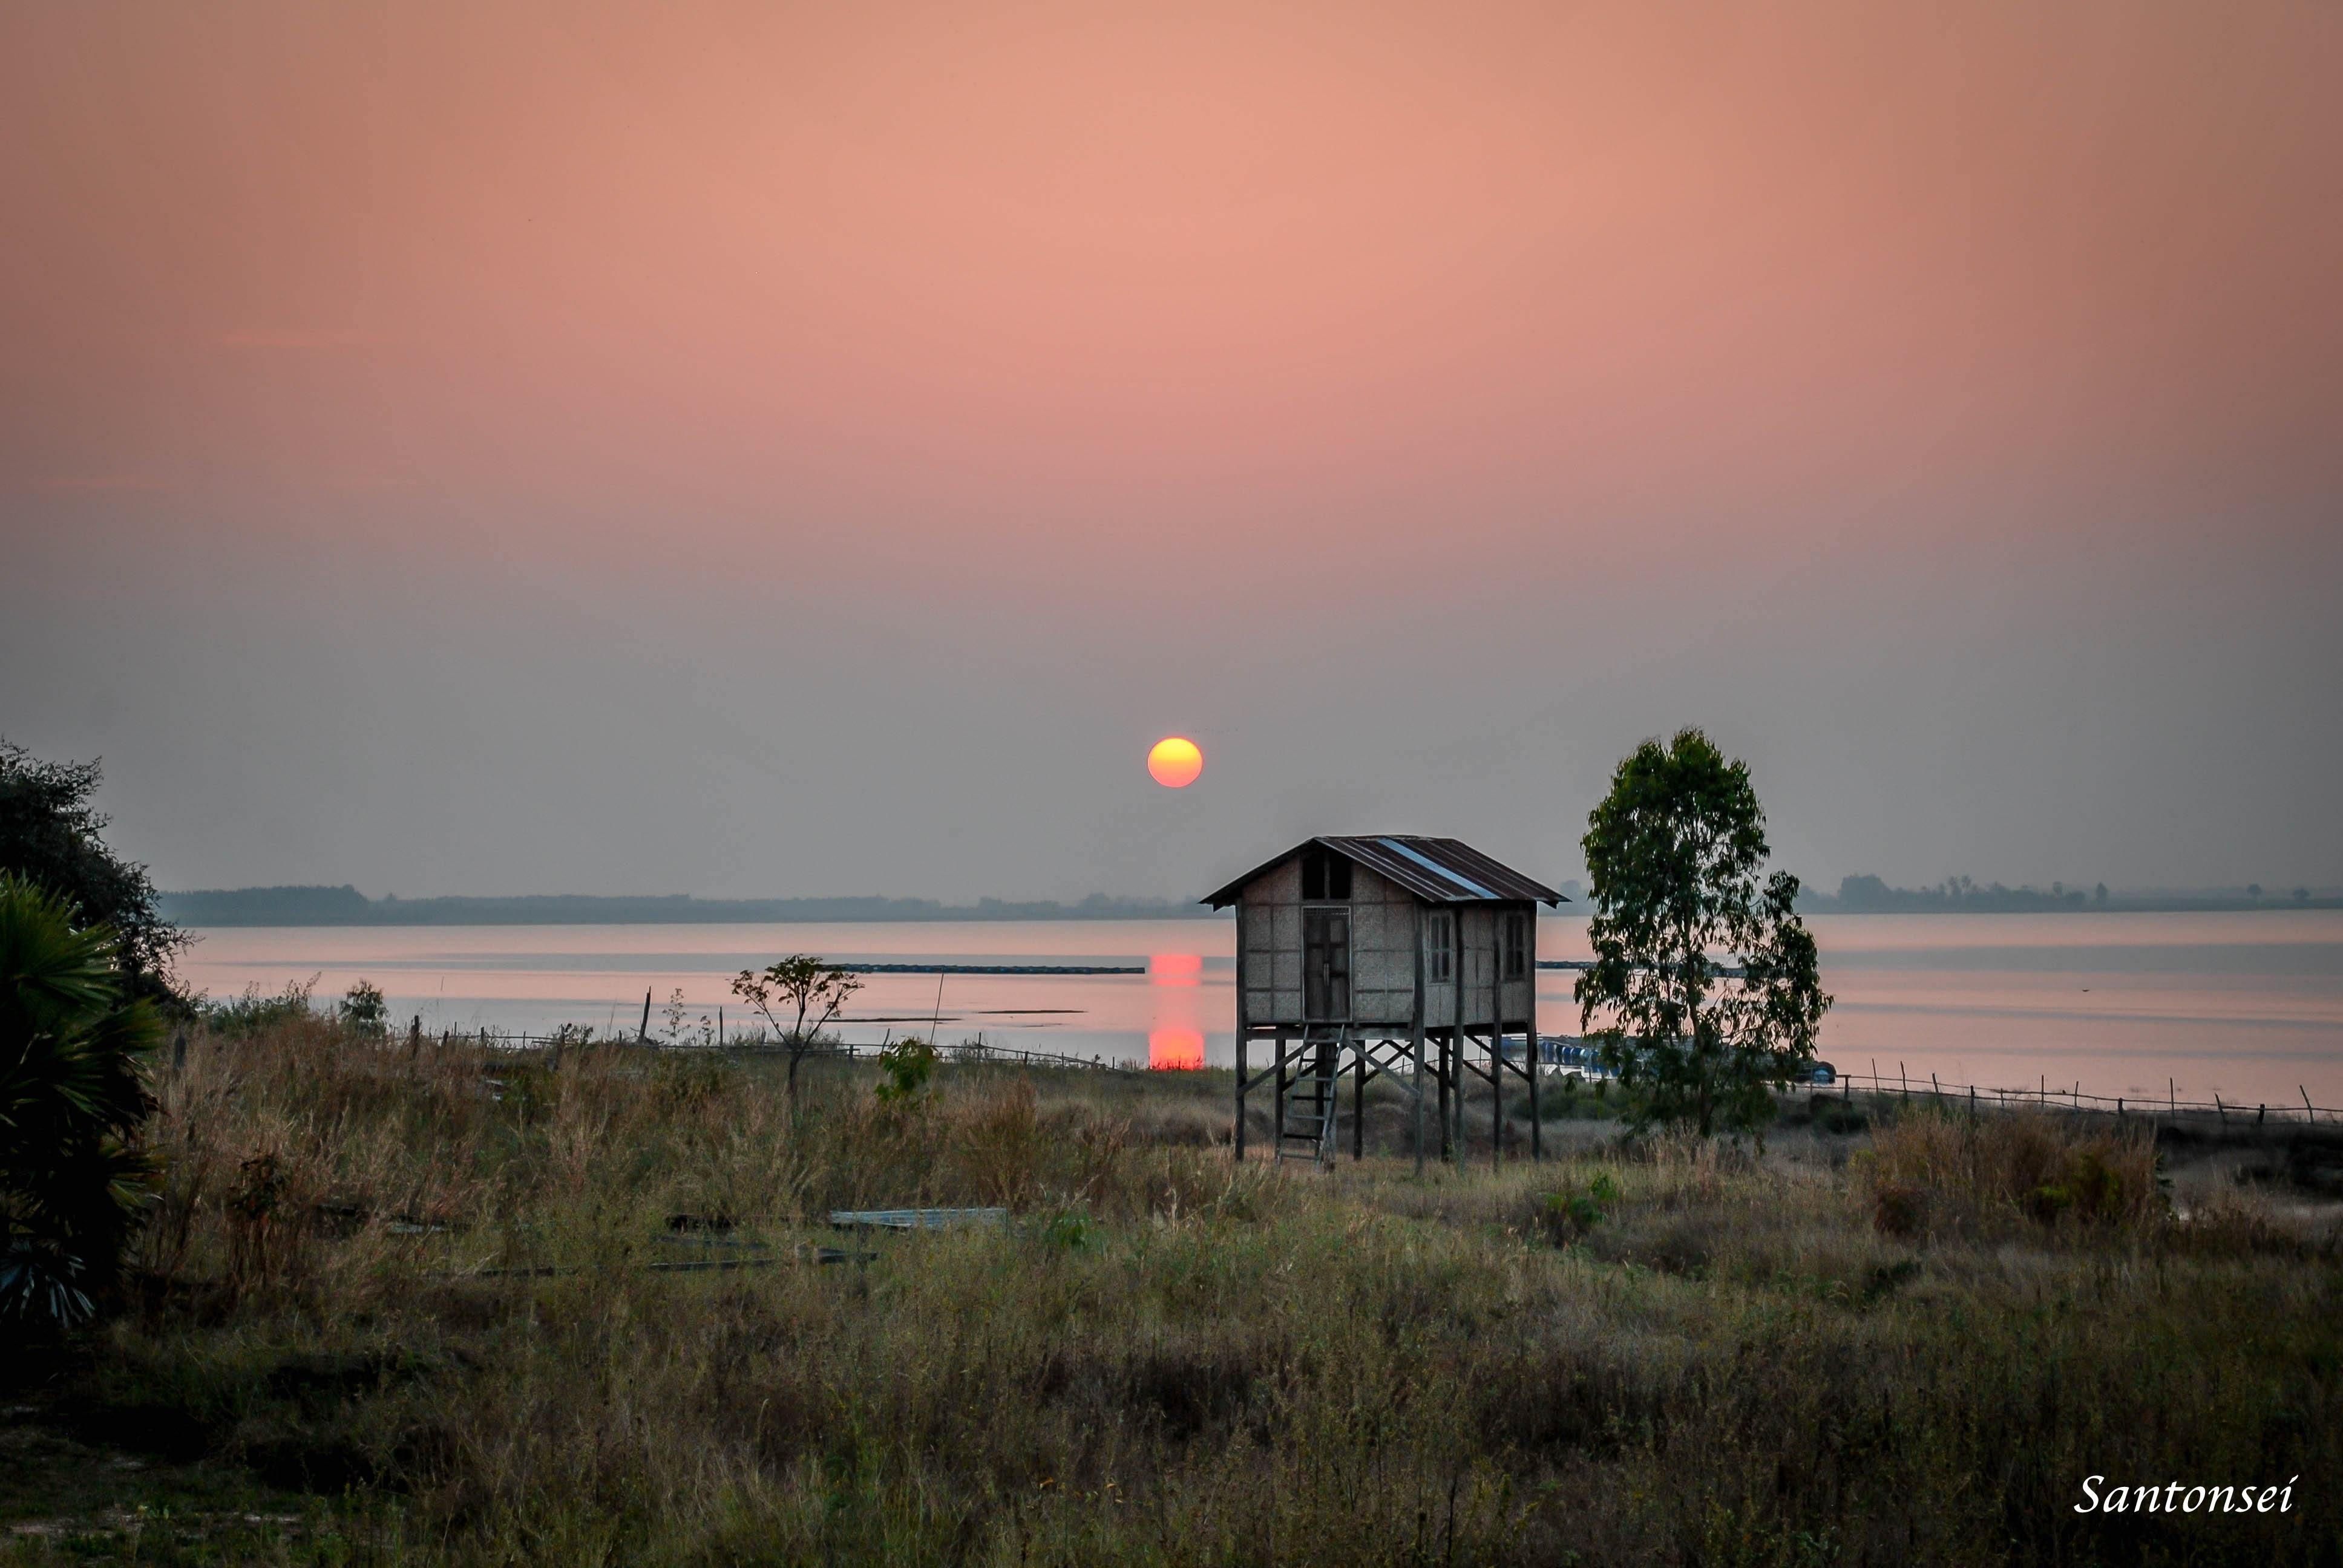 Sunset in Thailand's Isan region